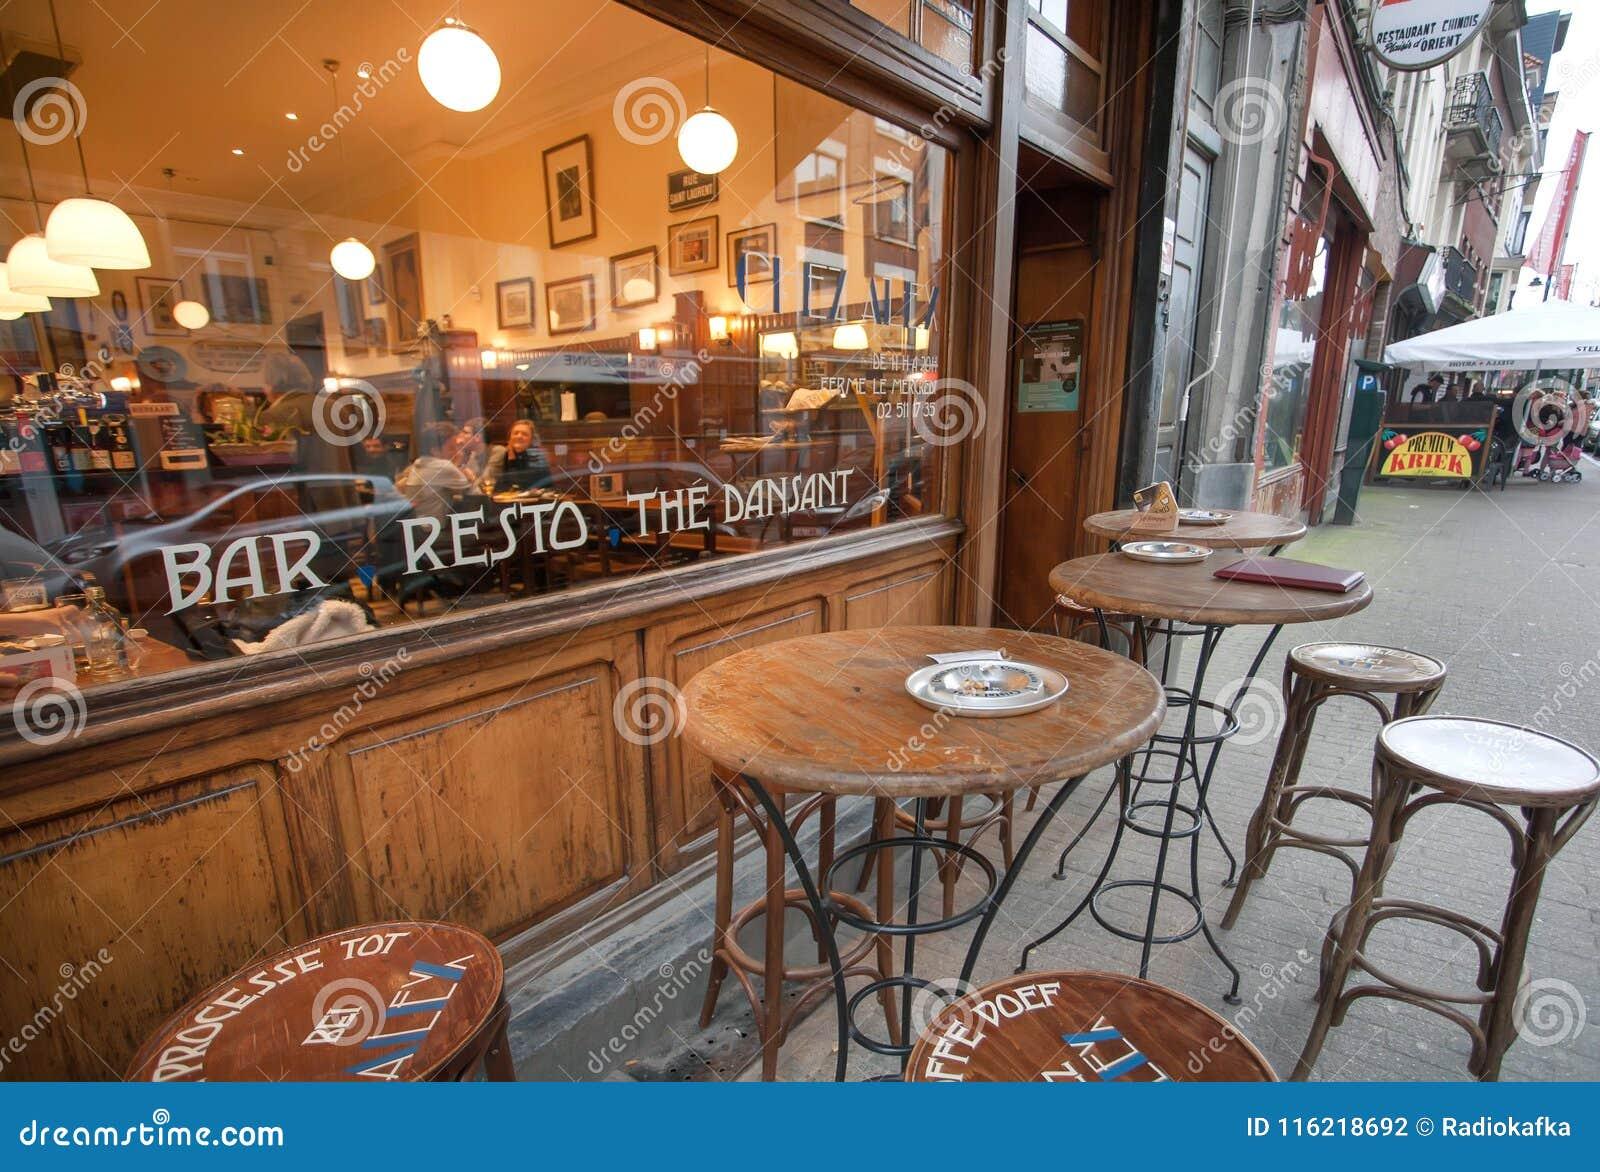 Visitors Having Dinner Inside Old-fashioned Designed